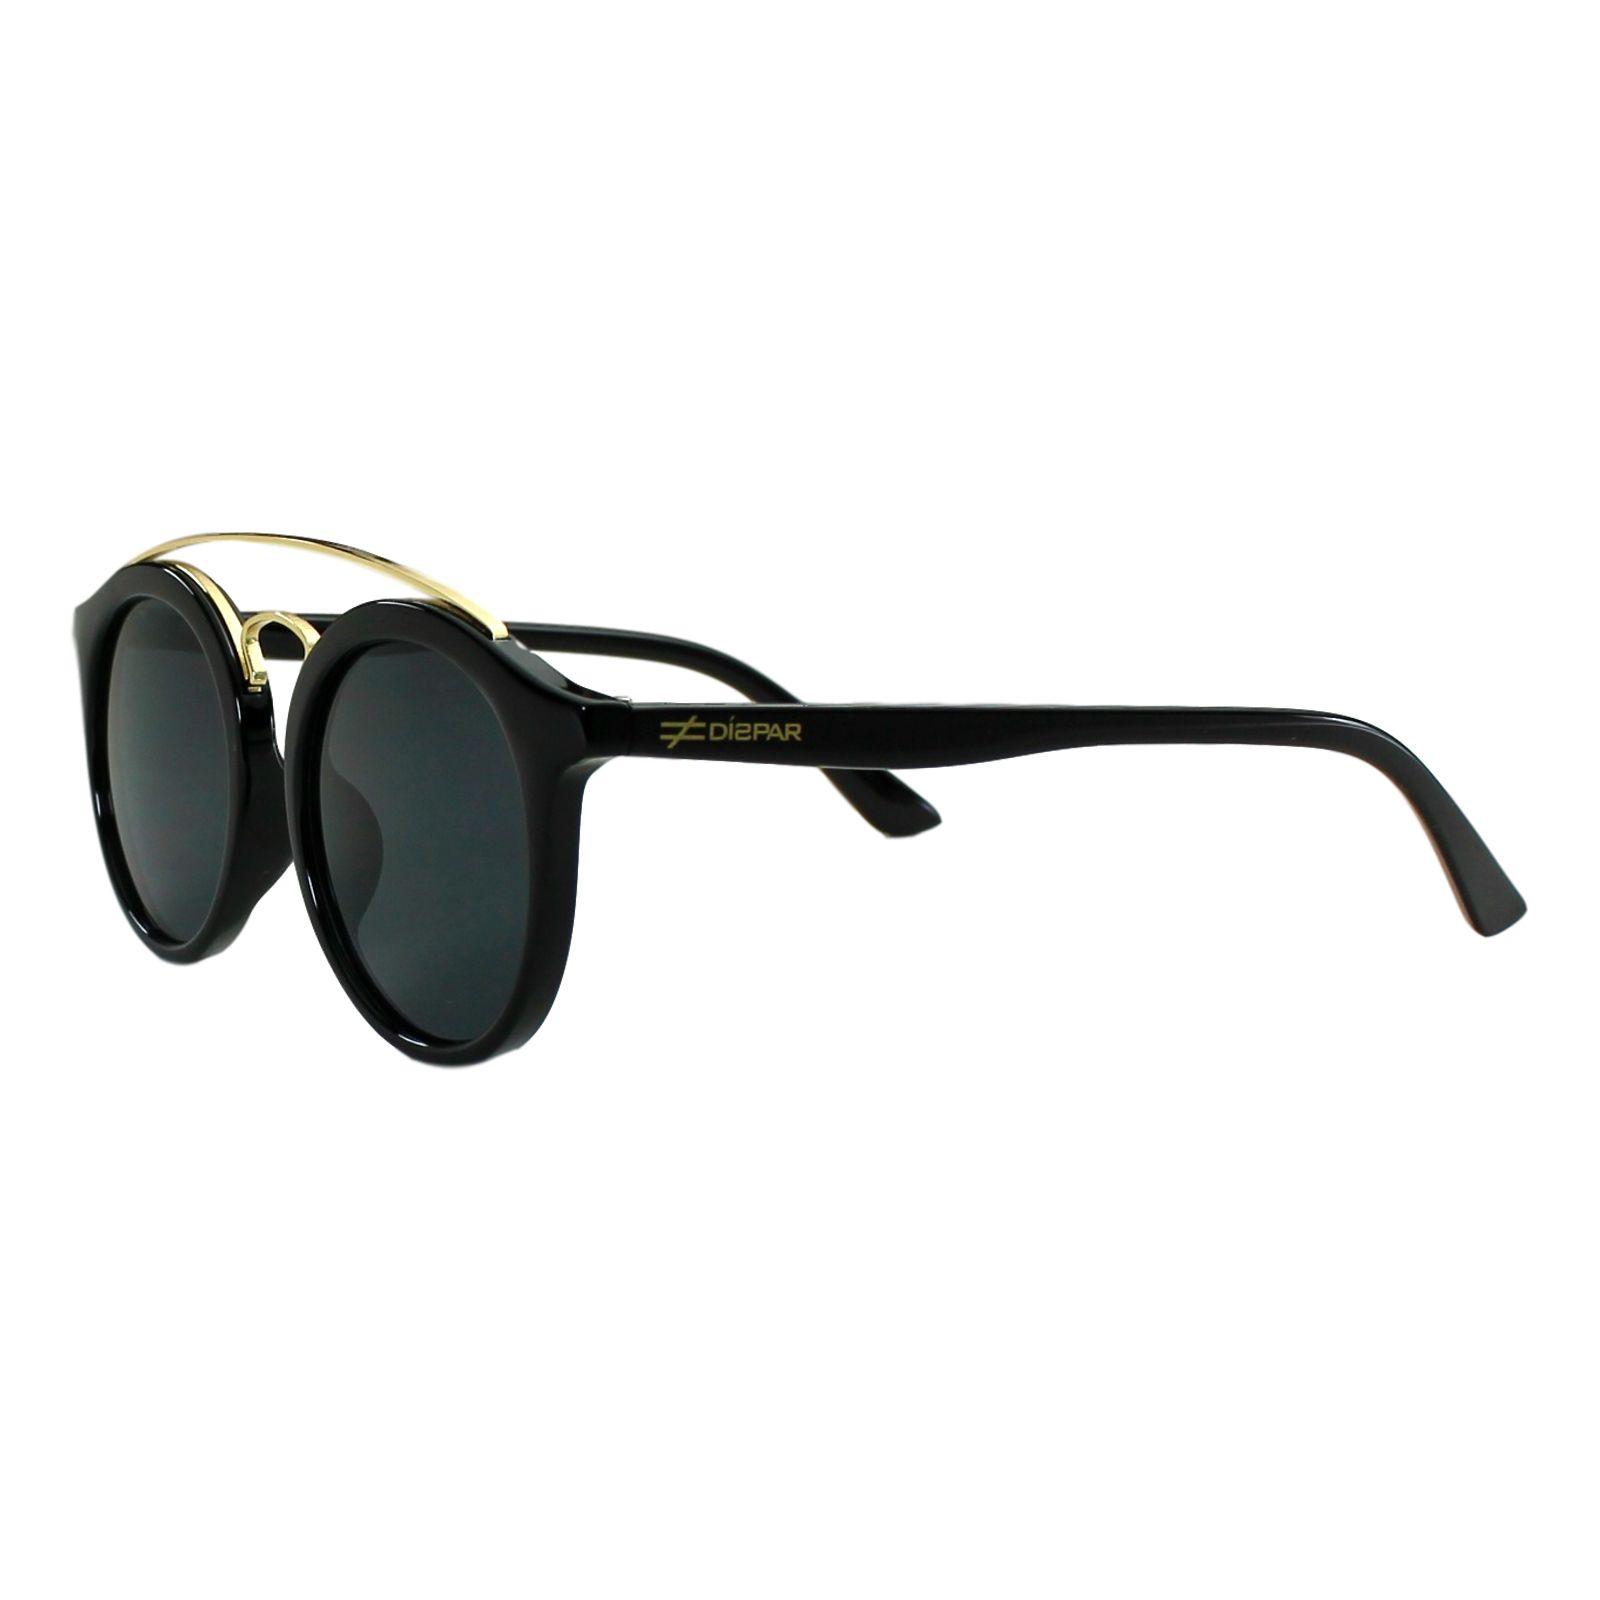 Óculos de Sol Díspar ID1961 Infantil - 9 a 12 anos - Preto